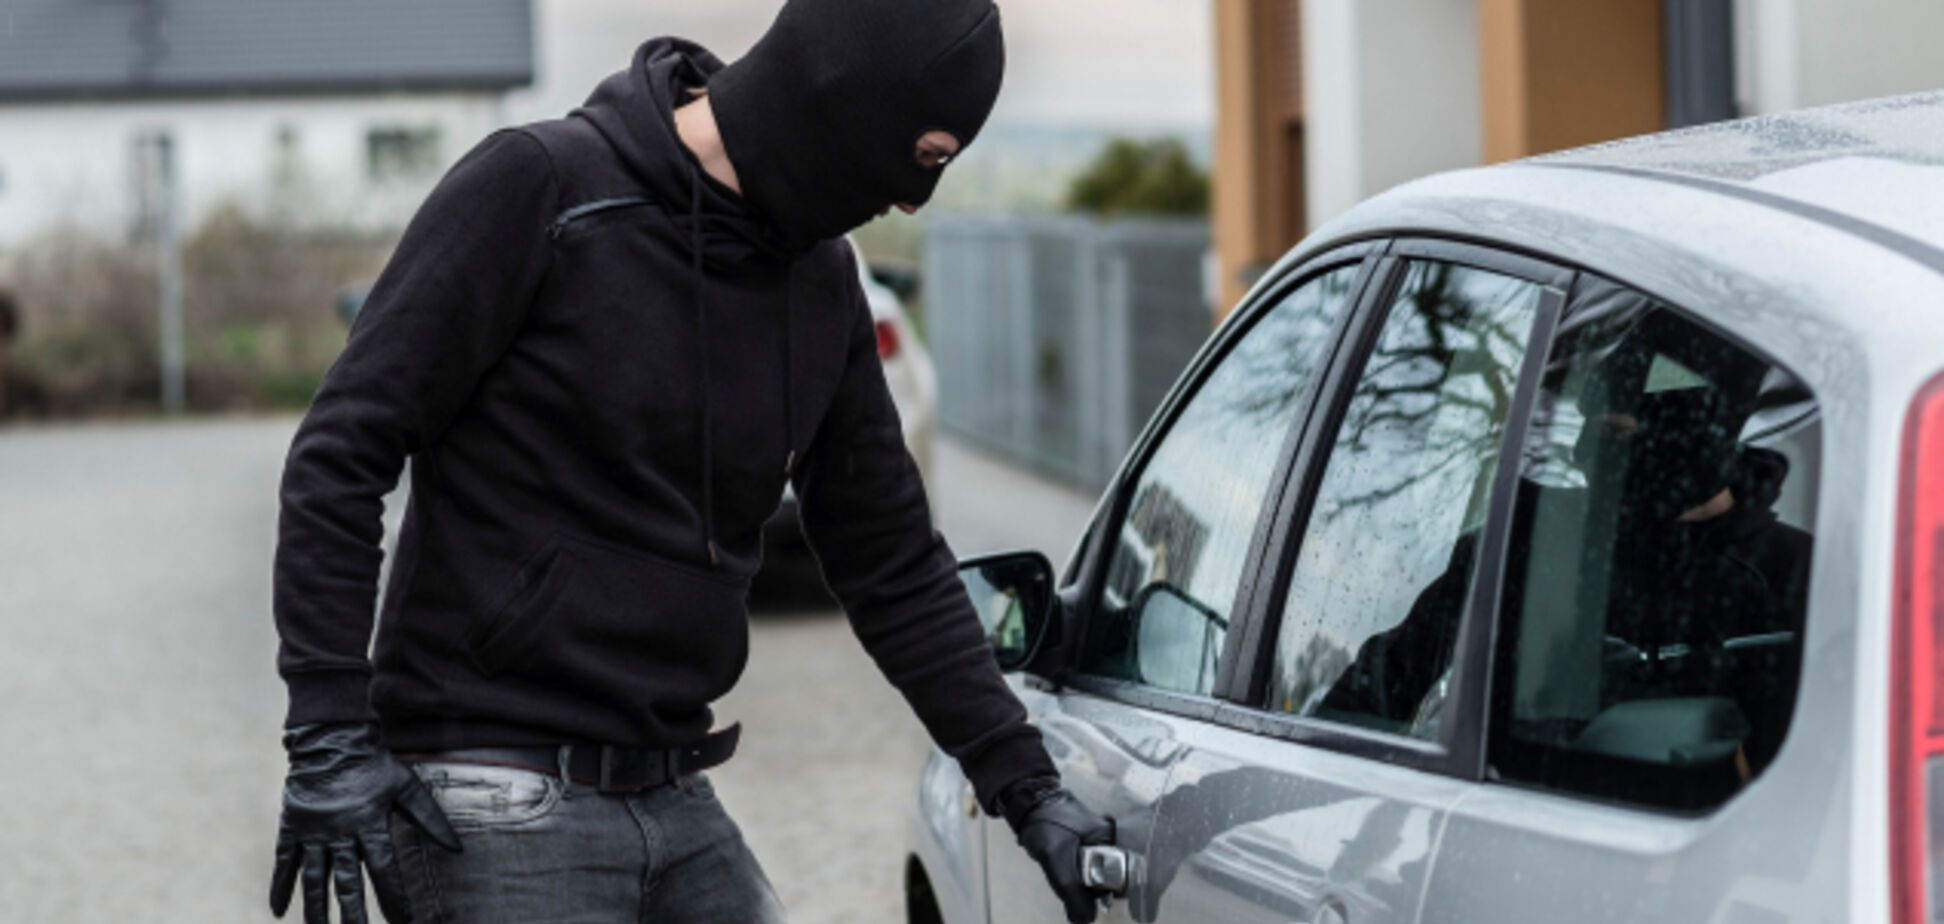 Автокрадіжки: як запобігти